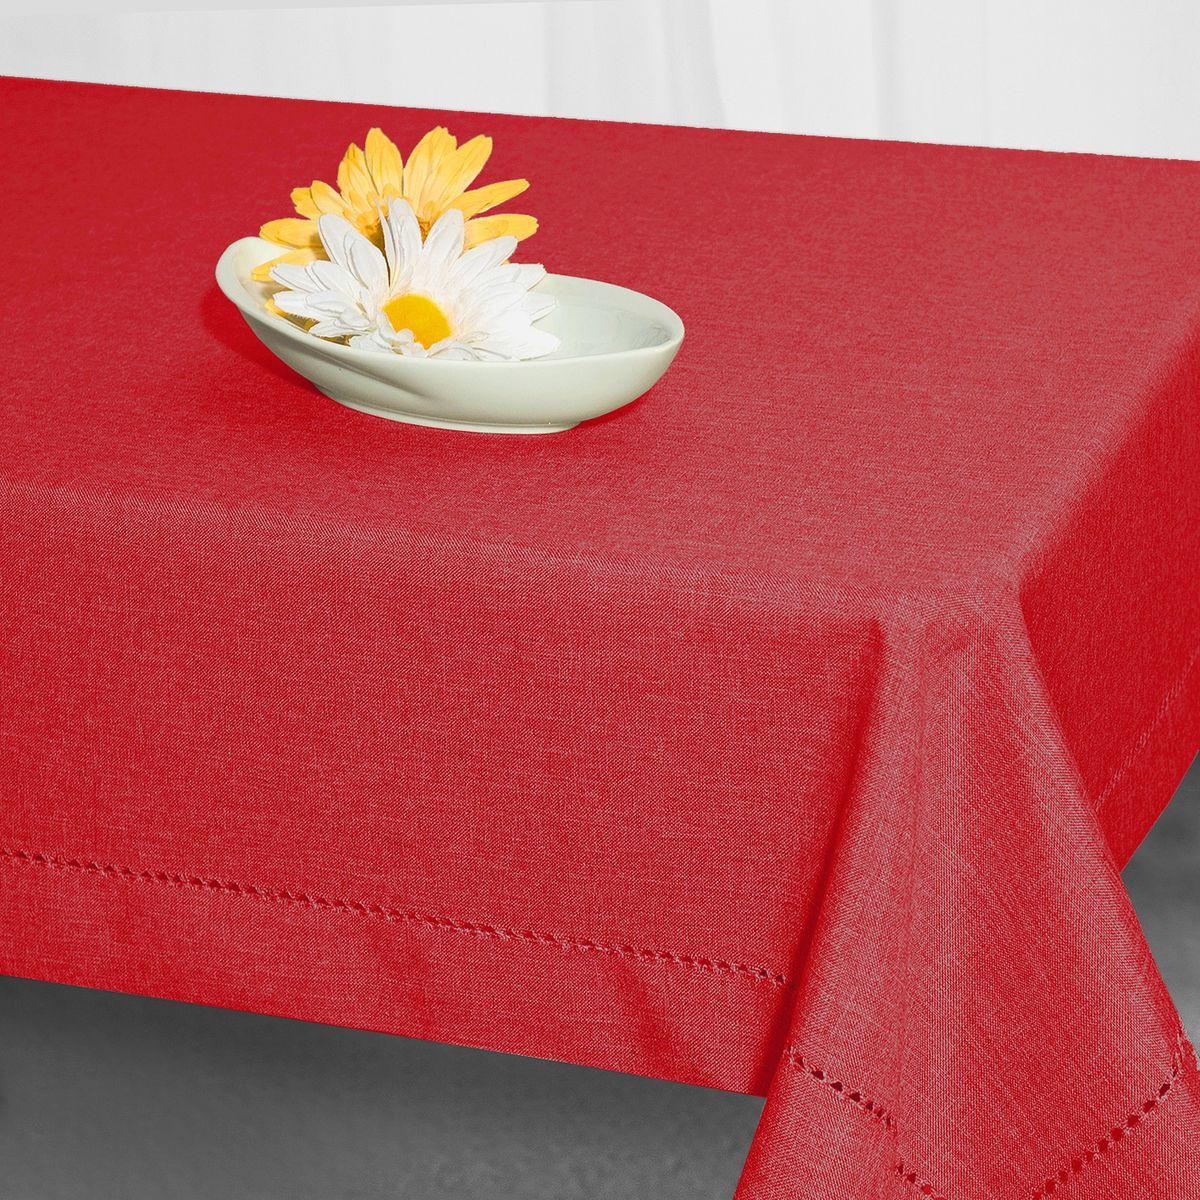 Скатерть Schaefer, прямоугольная, цвет: красный, 130 x 170 см. 07601-4291004900000360Стильная скатерть Schaefer выполнена из полиэстера.Изделия из полиэстера легко стирать: они не мнутся, не садятся и быстро сохнут, они более долговечны, чем изделия из натуральных волокон.Немецкая компания Schaefer создана в 1921 году. На протяжении всего времени существования она создает уникальные коллекции домашнего текстиля для гостиных, спален, кухонь и ванных комнат. Дизайнерские идеи немецких художников компании Schaefer воплощаются в текстильных изделиях, которые сделают ваш дом красивее и уютнее и не останутся незамеченными вашими гостями. Дарите себе и близким красоту каждый день!